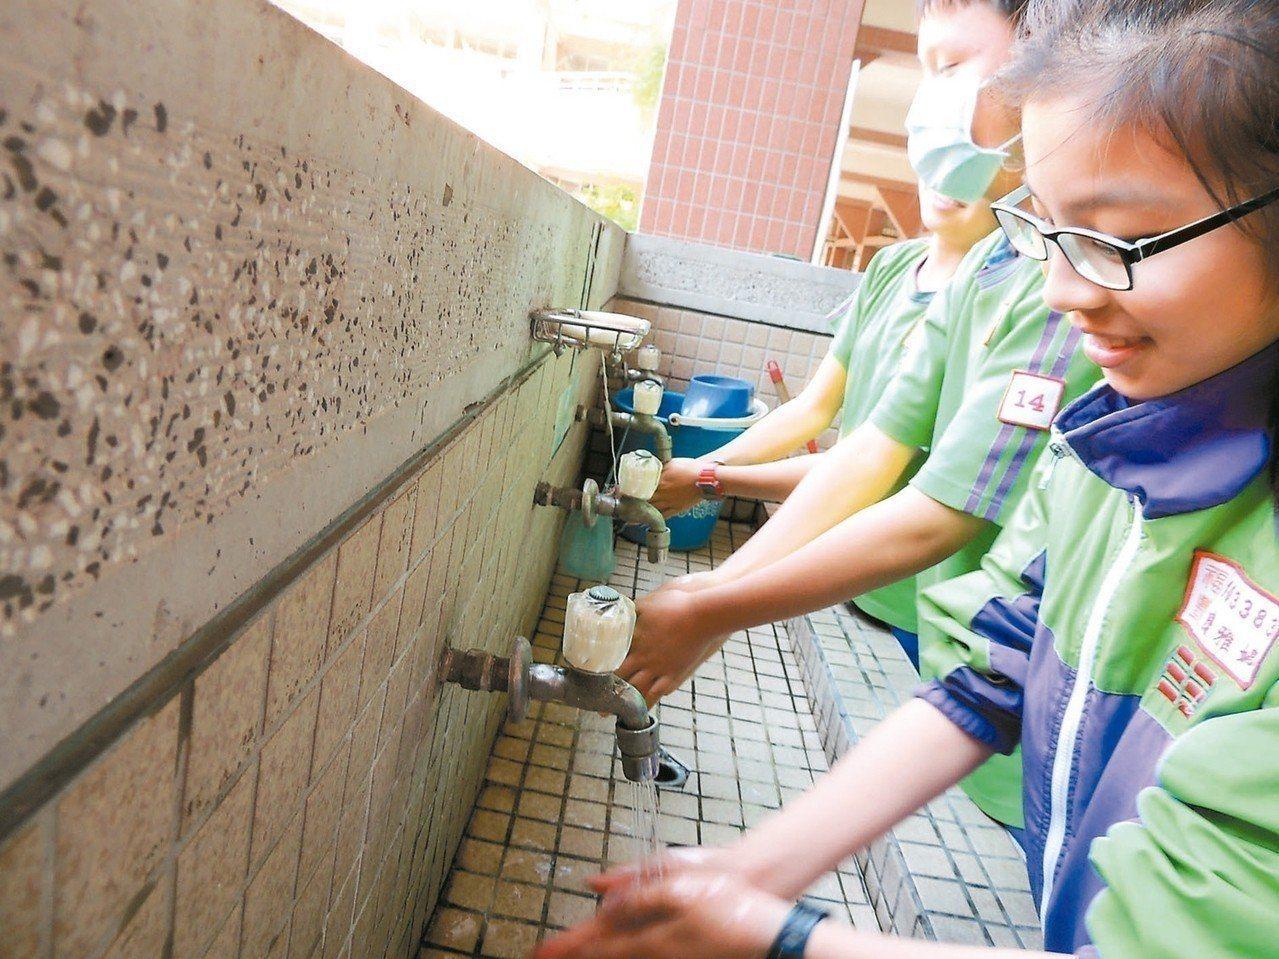 雖腸病毒疫情在低點,但師長應確實宣導勤洗手,才能避免孩子染病。 圖/聯合報系資料...